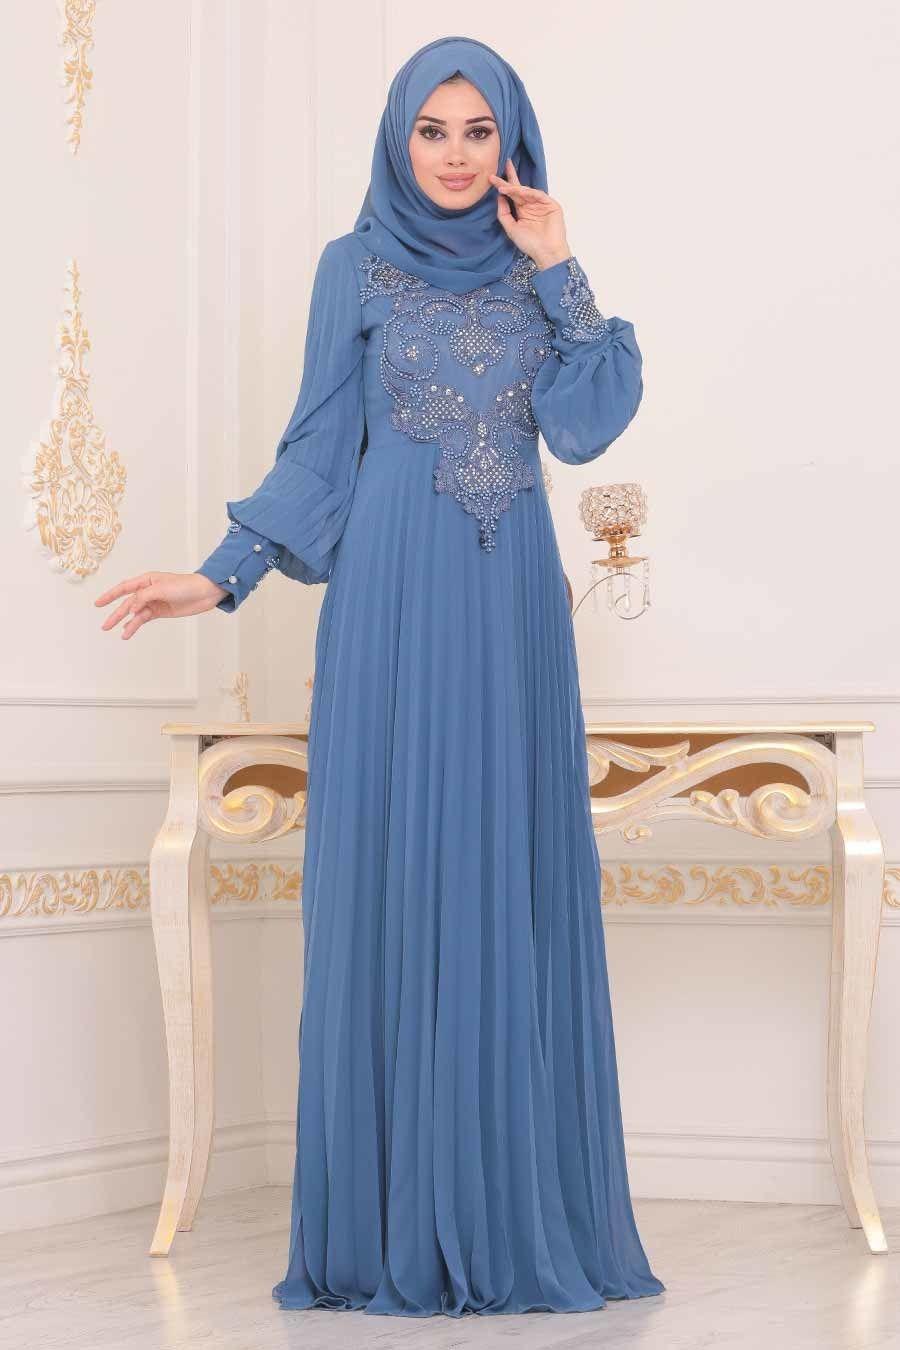 Neva Style Boncuk Detayli Indigo Mavisi Tesettur Abiye Elbise 91130im Tesetturisland Com The Dress Elbise Moda Stilleri